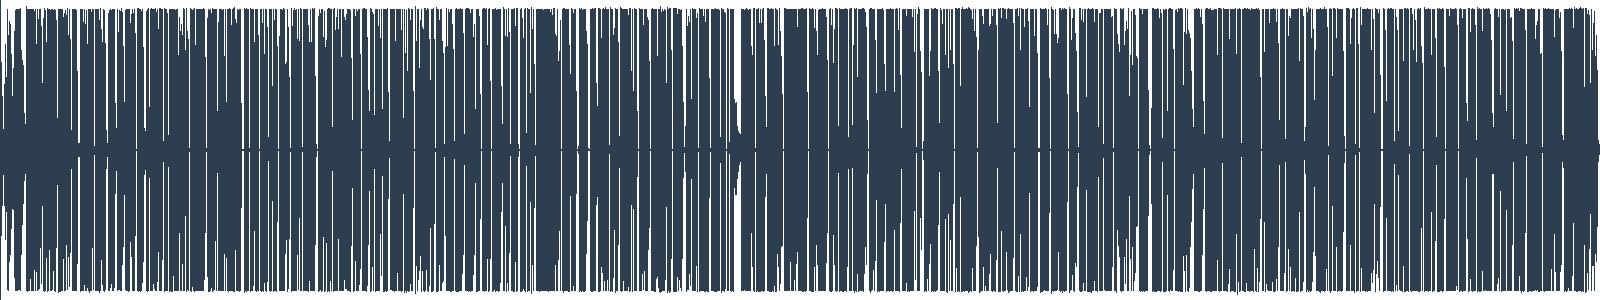 #2 Obraz človeka od staroveku po klasicizmus (Maturita s Hashtagom) waveform